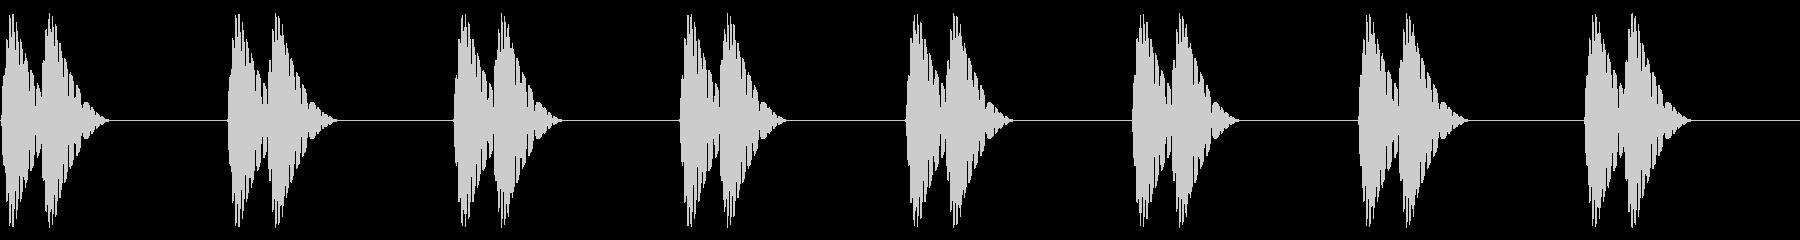 ドクン…ドクン(心音/脈拍100/幼児)の未再生の波形